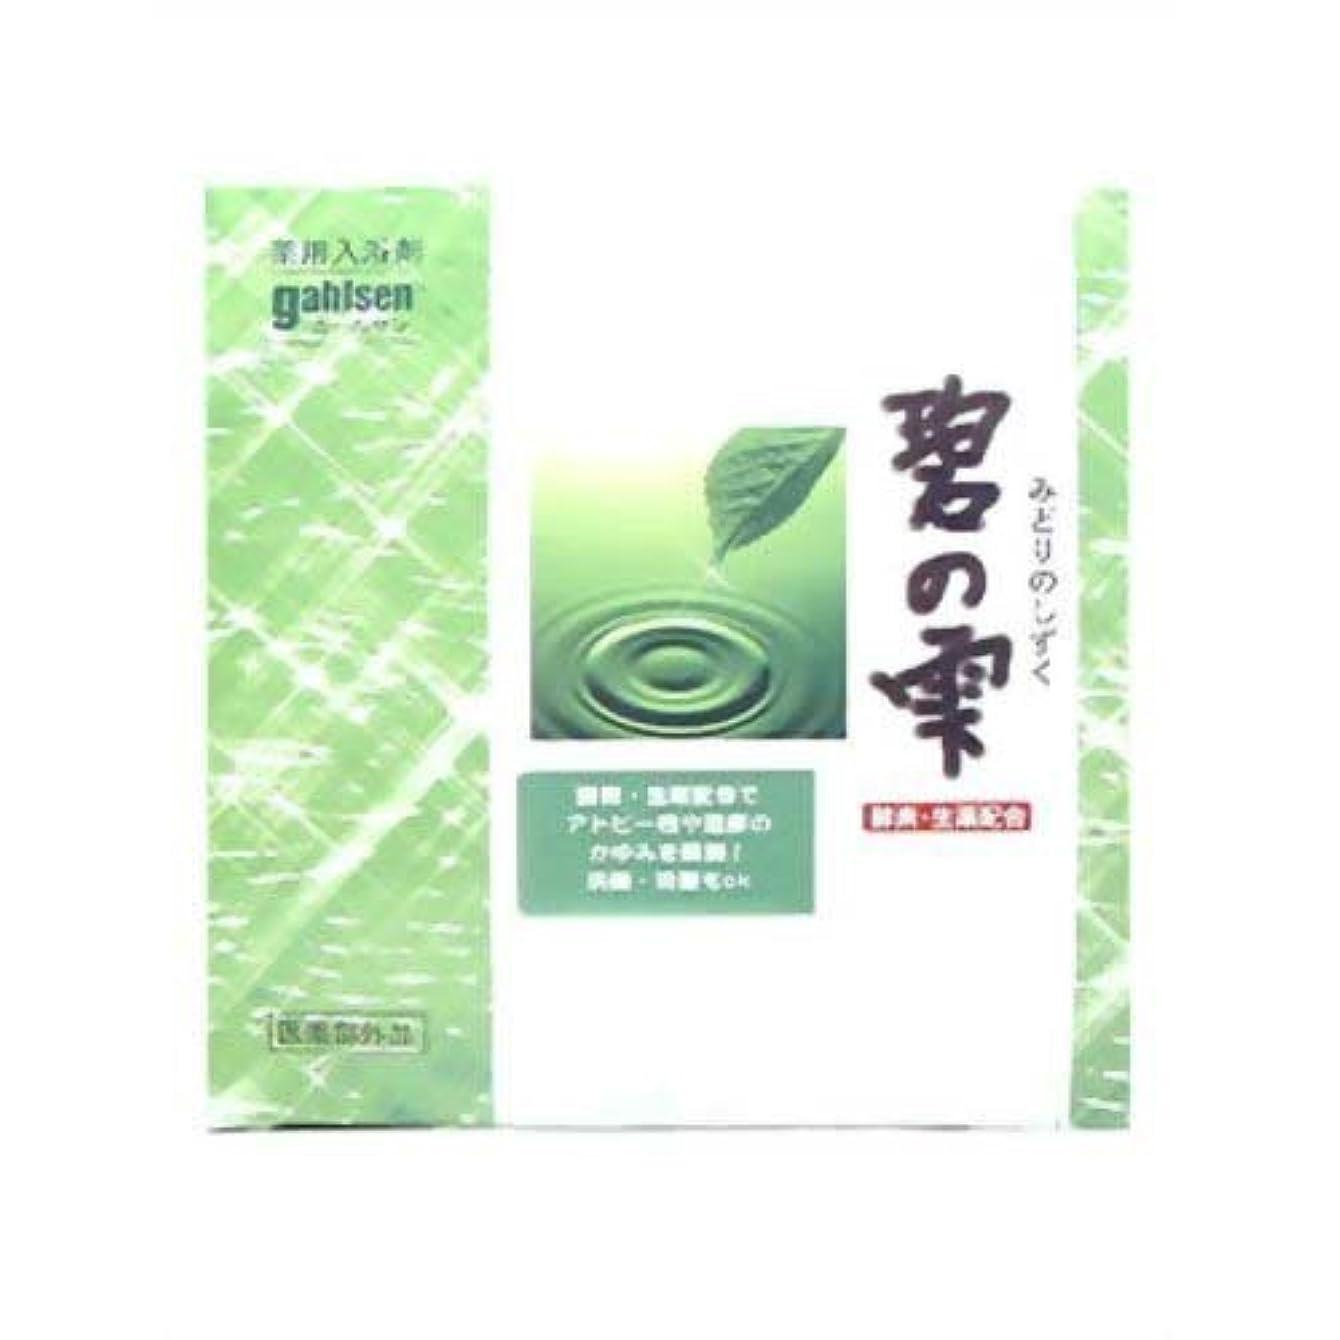 階建設感覚東海美商 酵素入浴剤ガールセン「碧の雫」 20g×48包